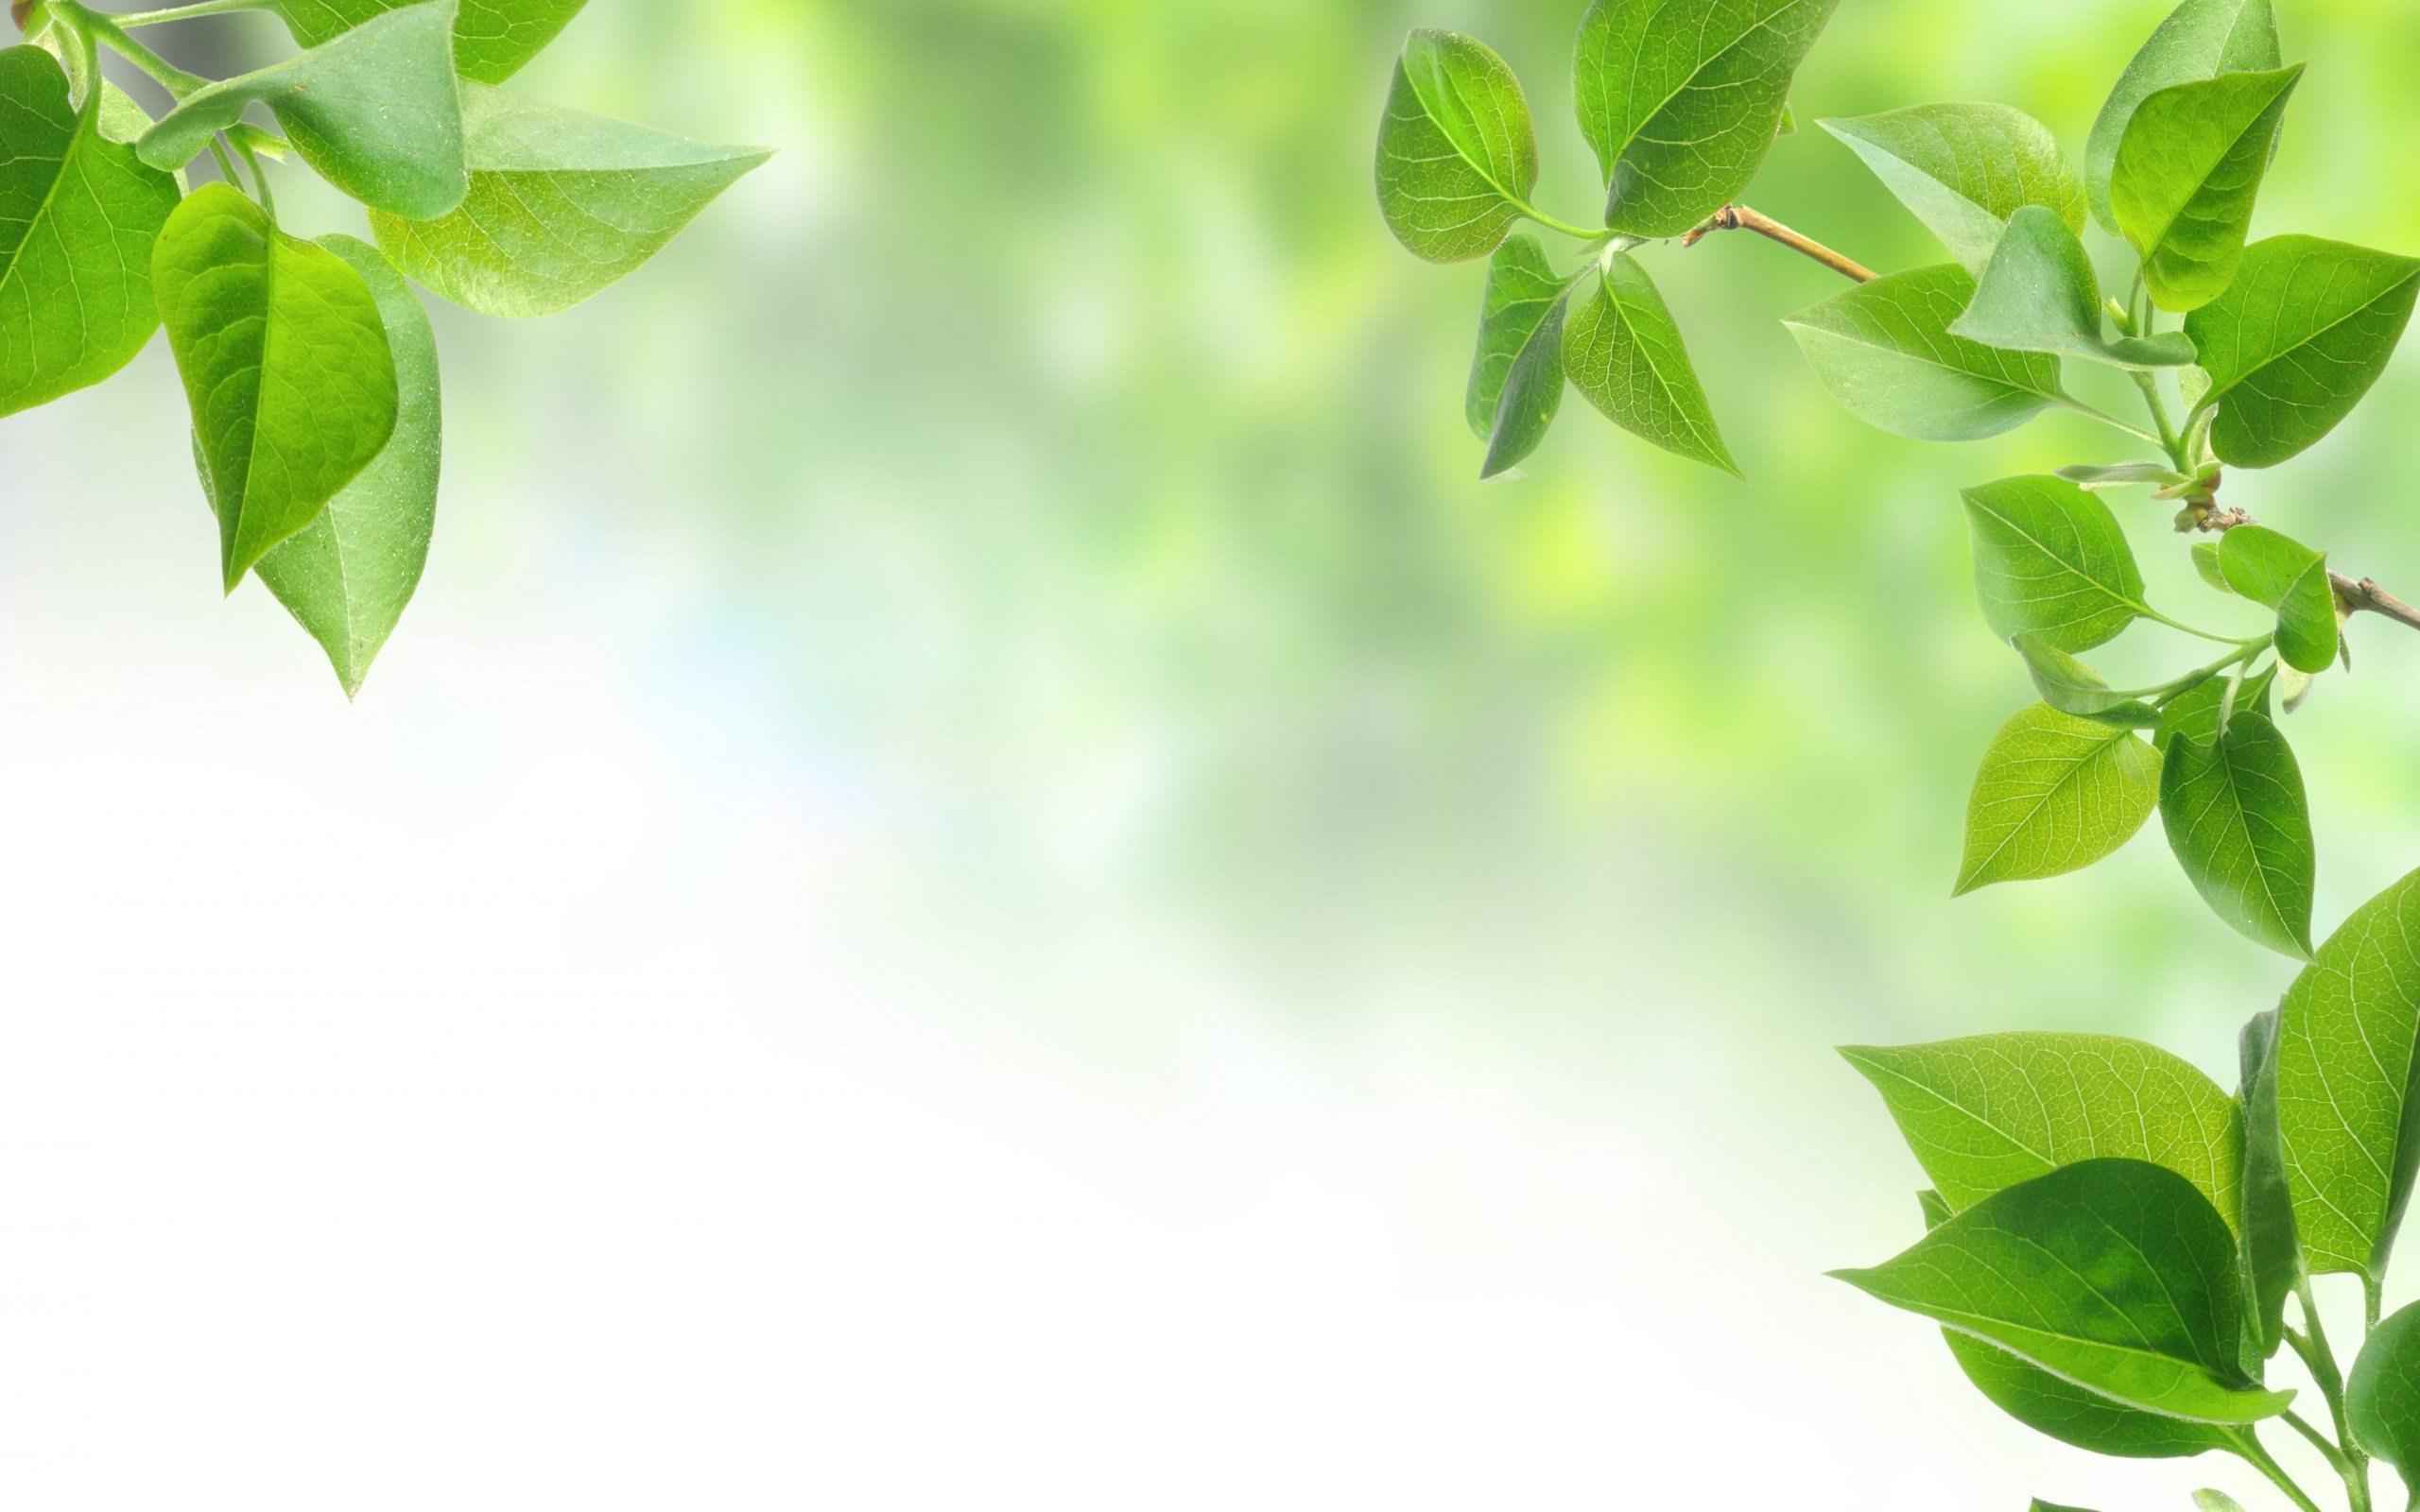 Download: Leaves Background Desktop